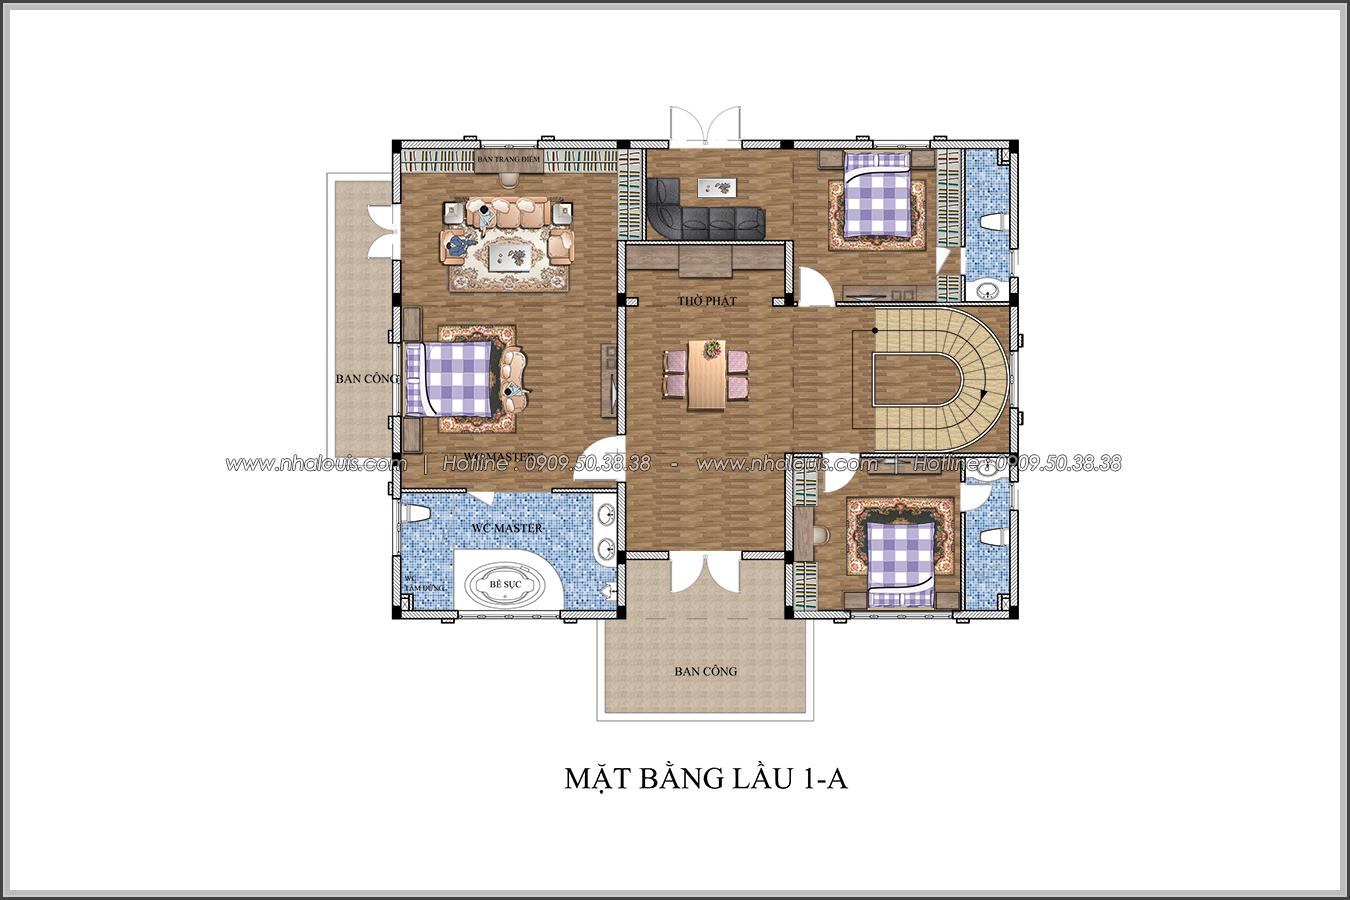 Lạc trôi với thiết kế biệt thự 3 tầng kiểu pháp tại Biên Hòa tráng lệ - 05